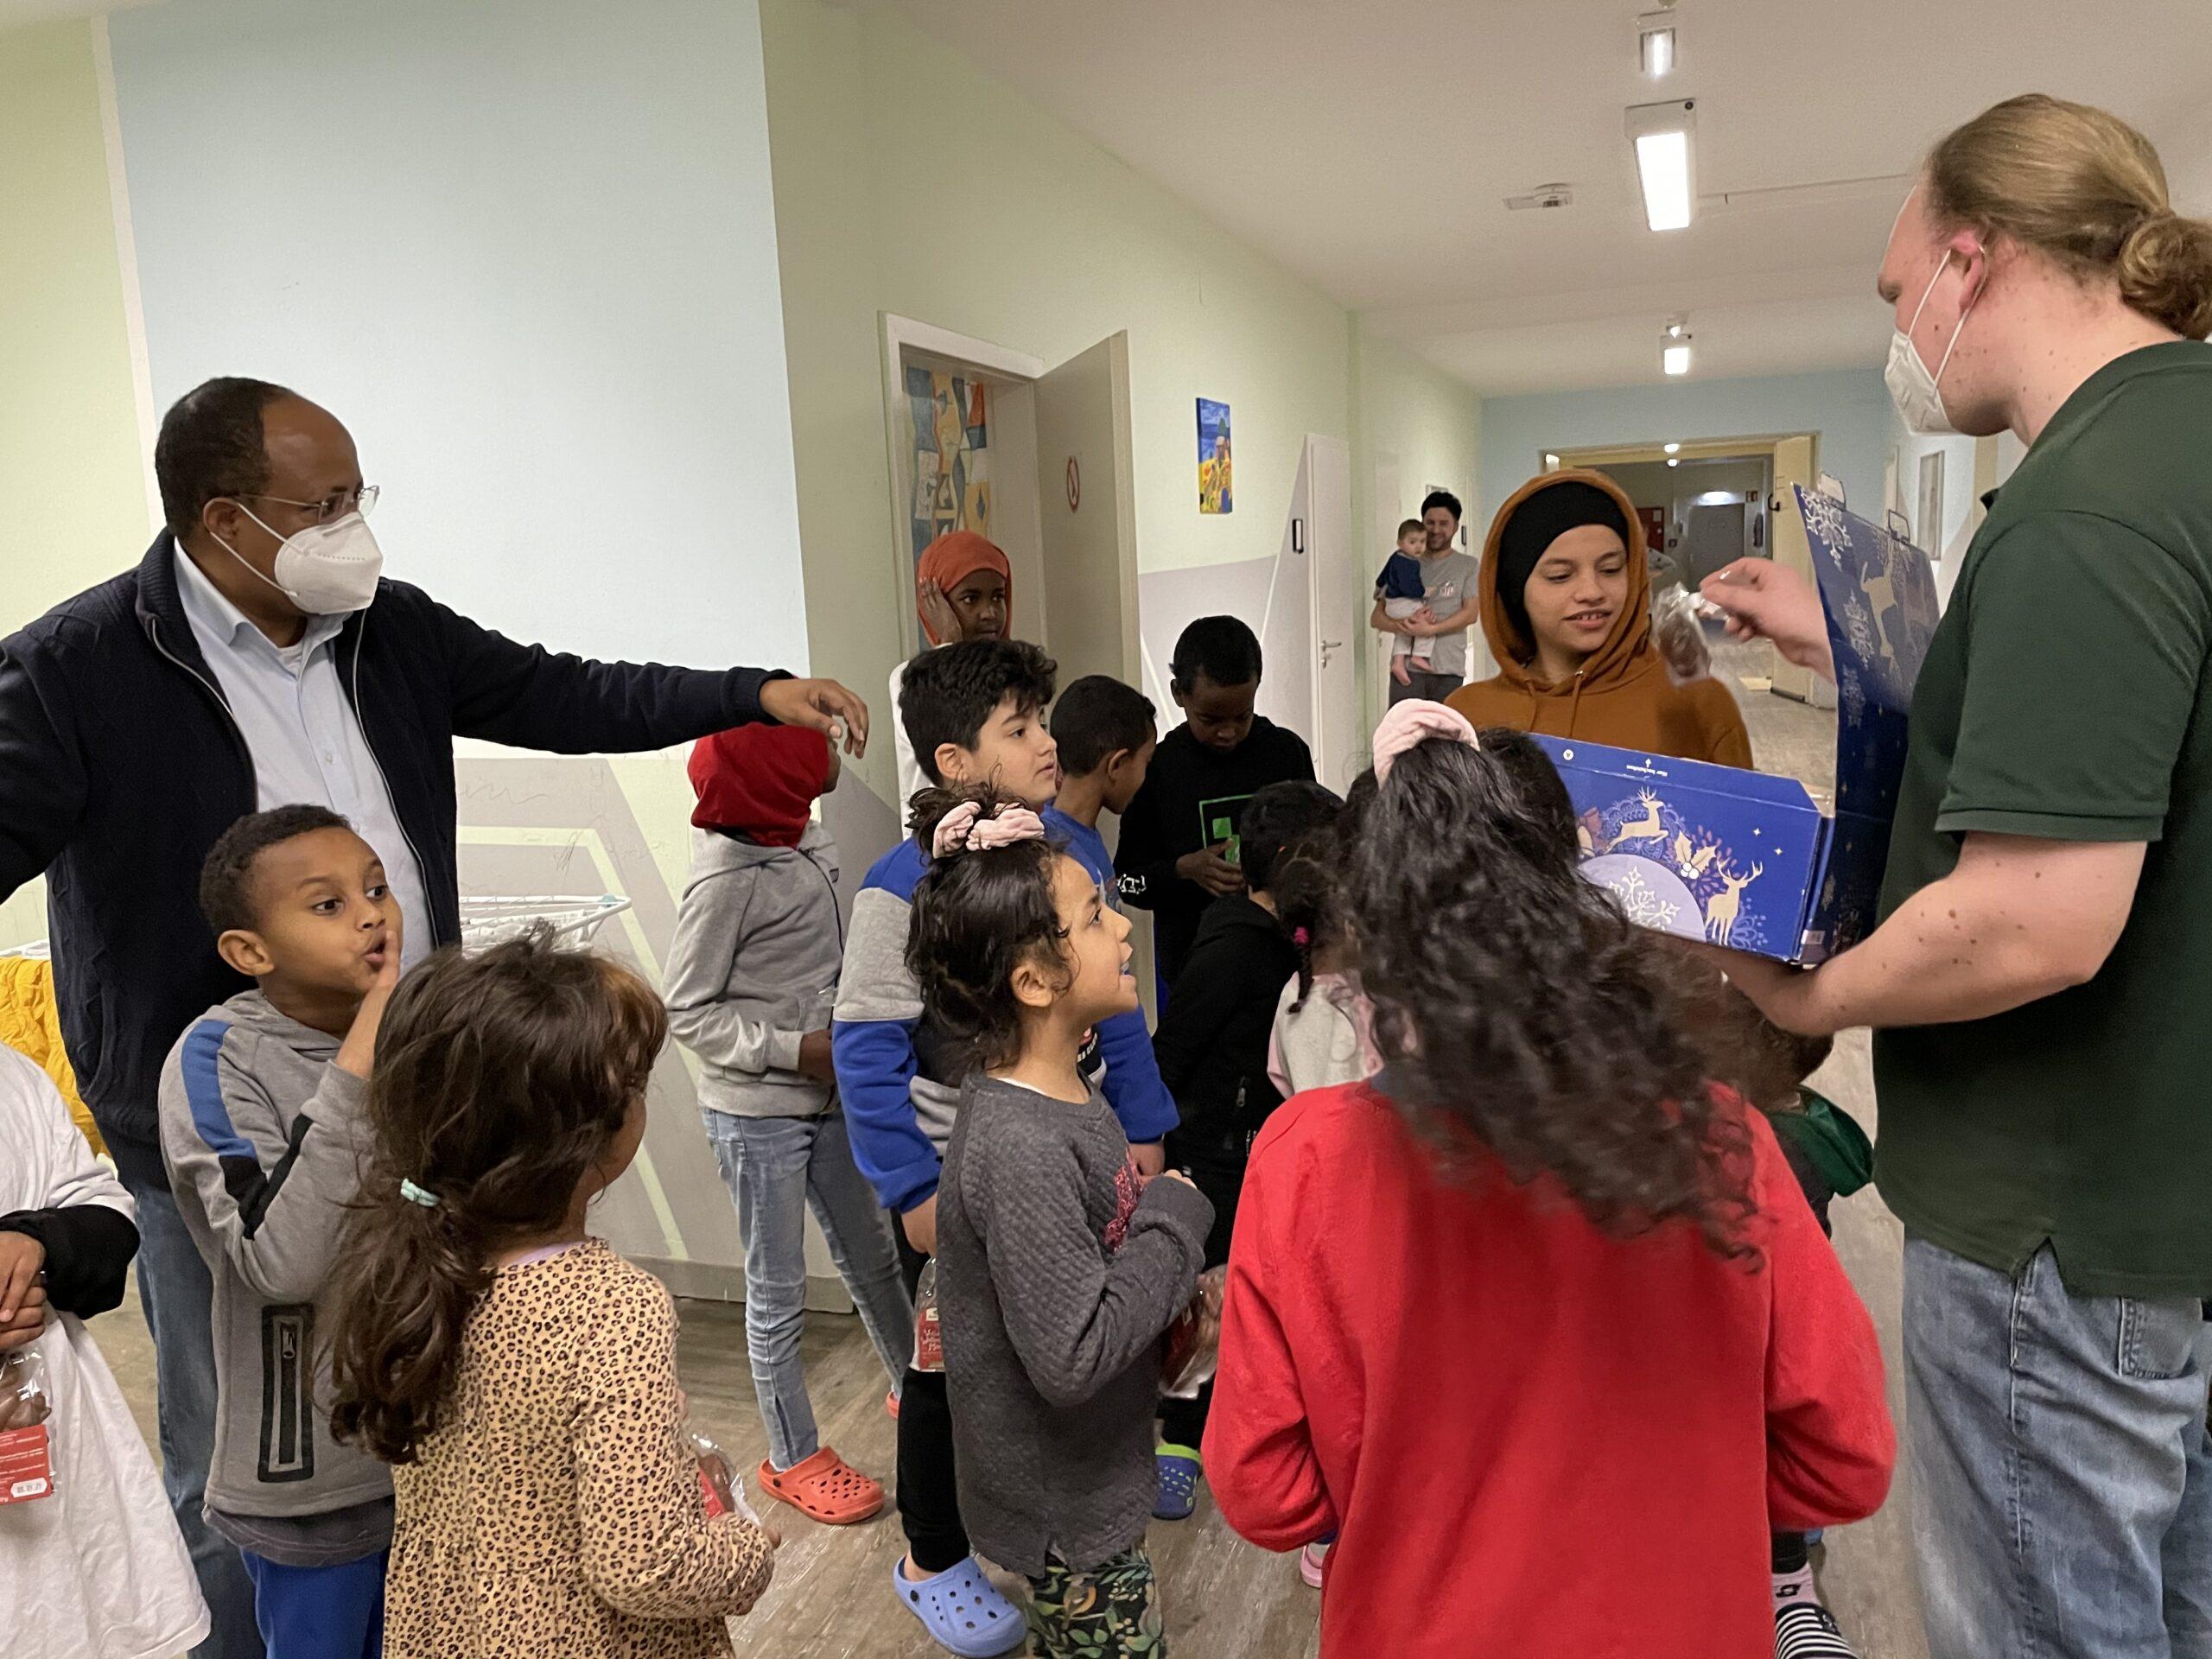 Süße Überraschung für die Kinder im Griesheimer Flüchtlingsheim